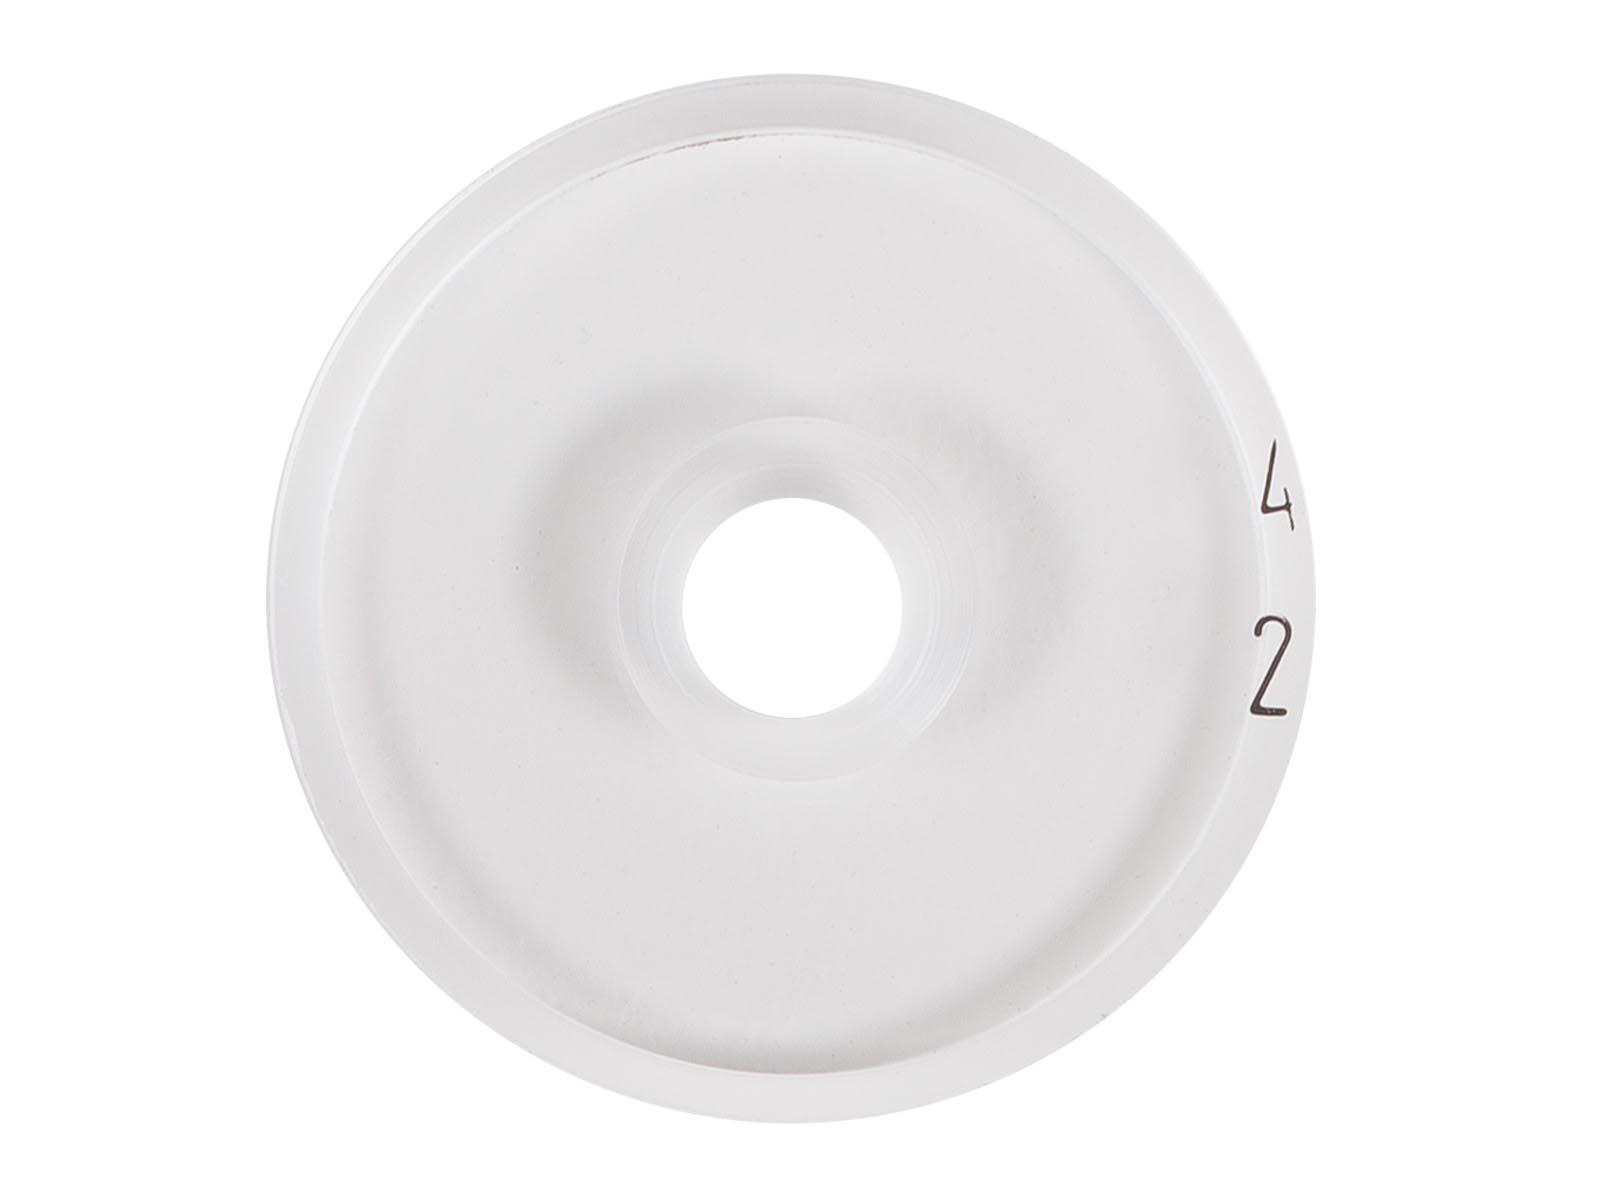 Feinwerkbau Clear Sight Aperture, 4.2mm Hole